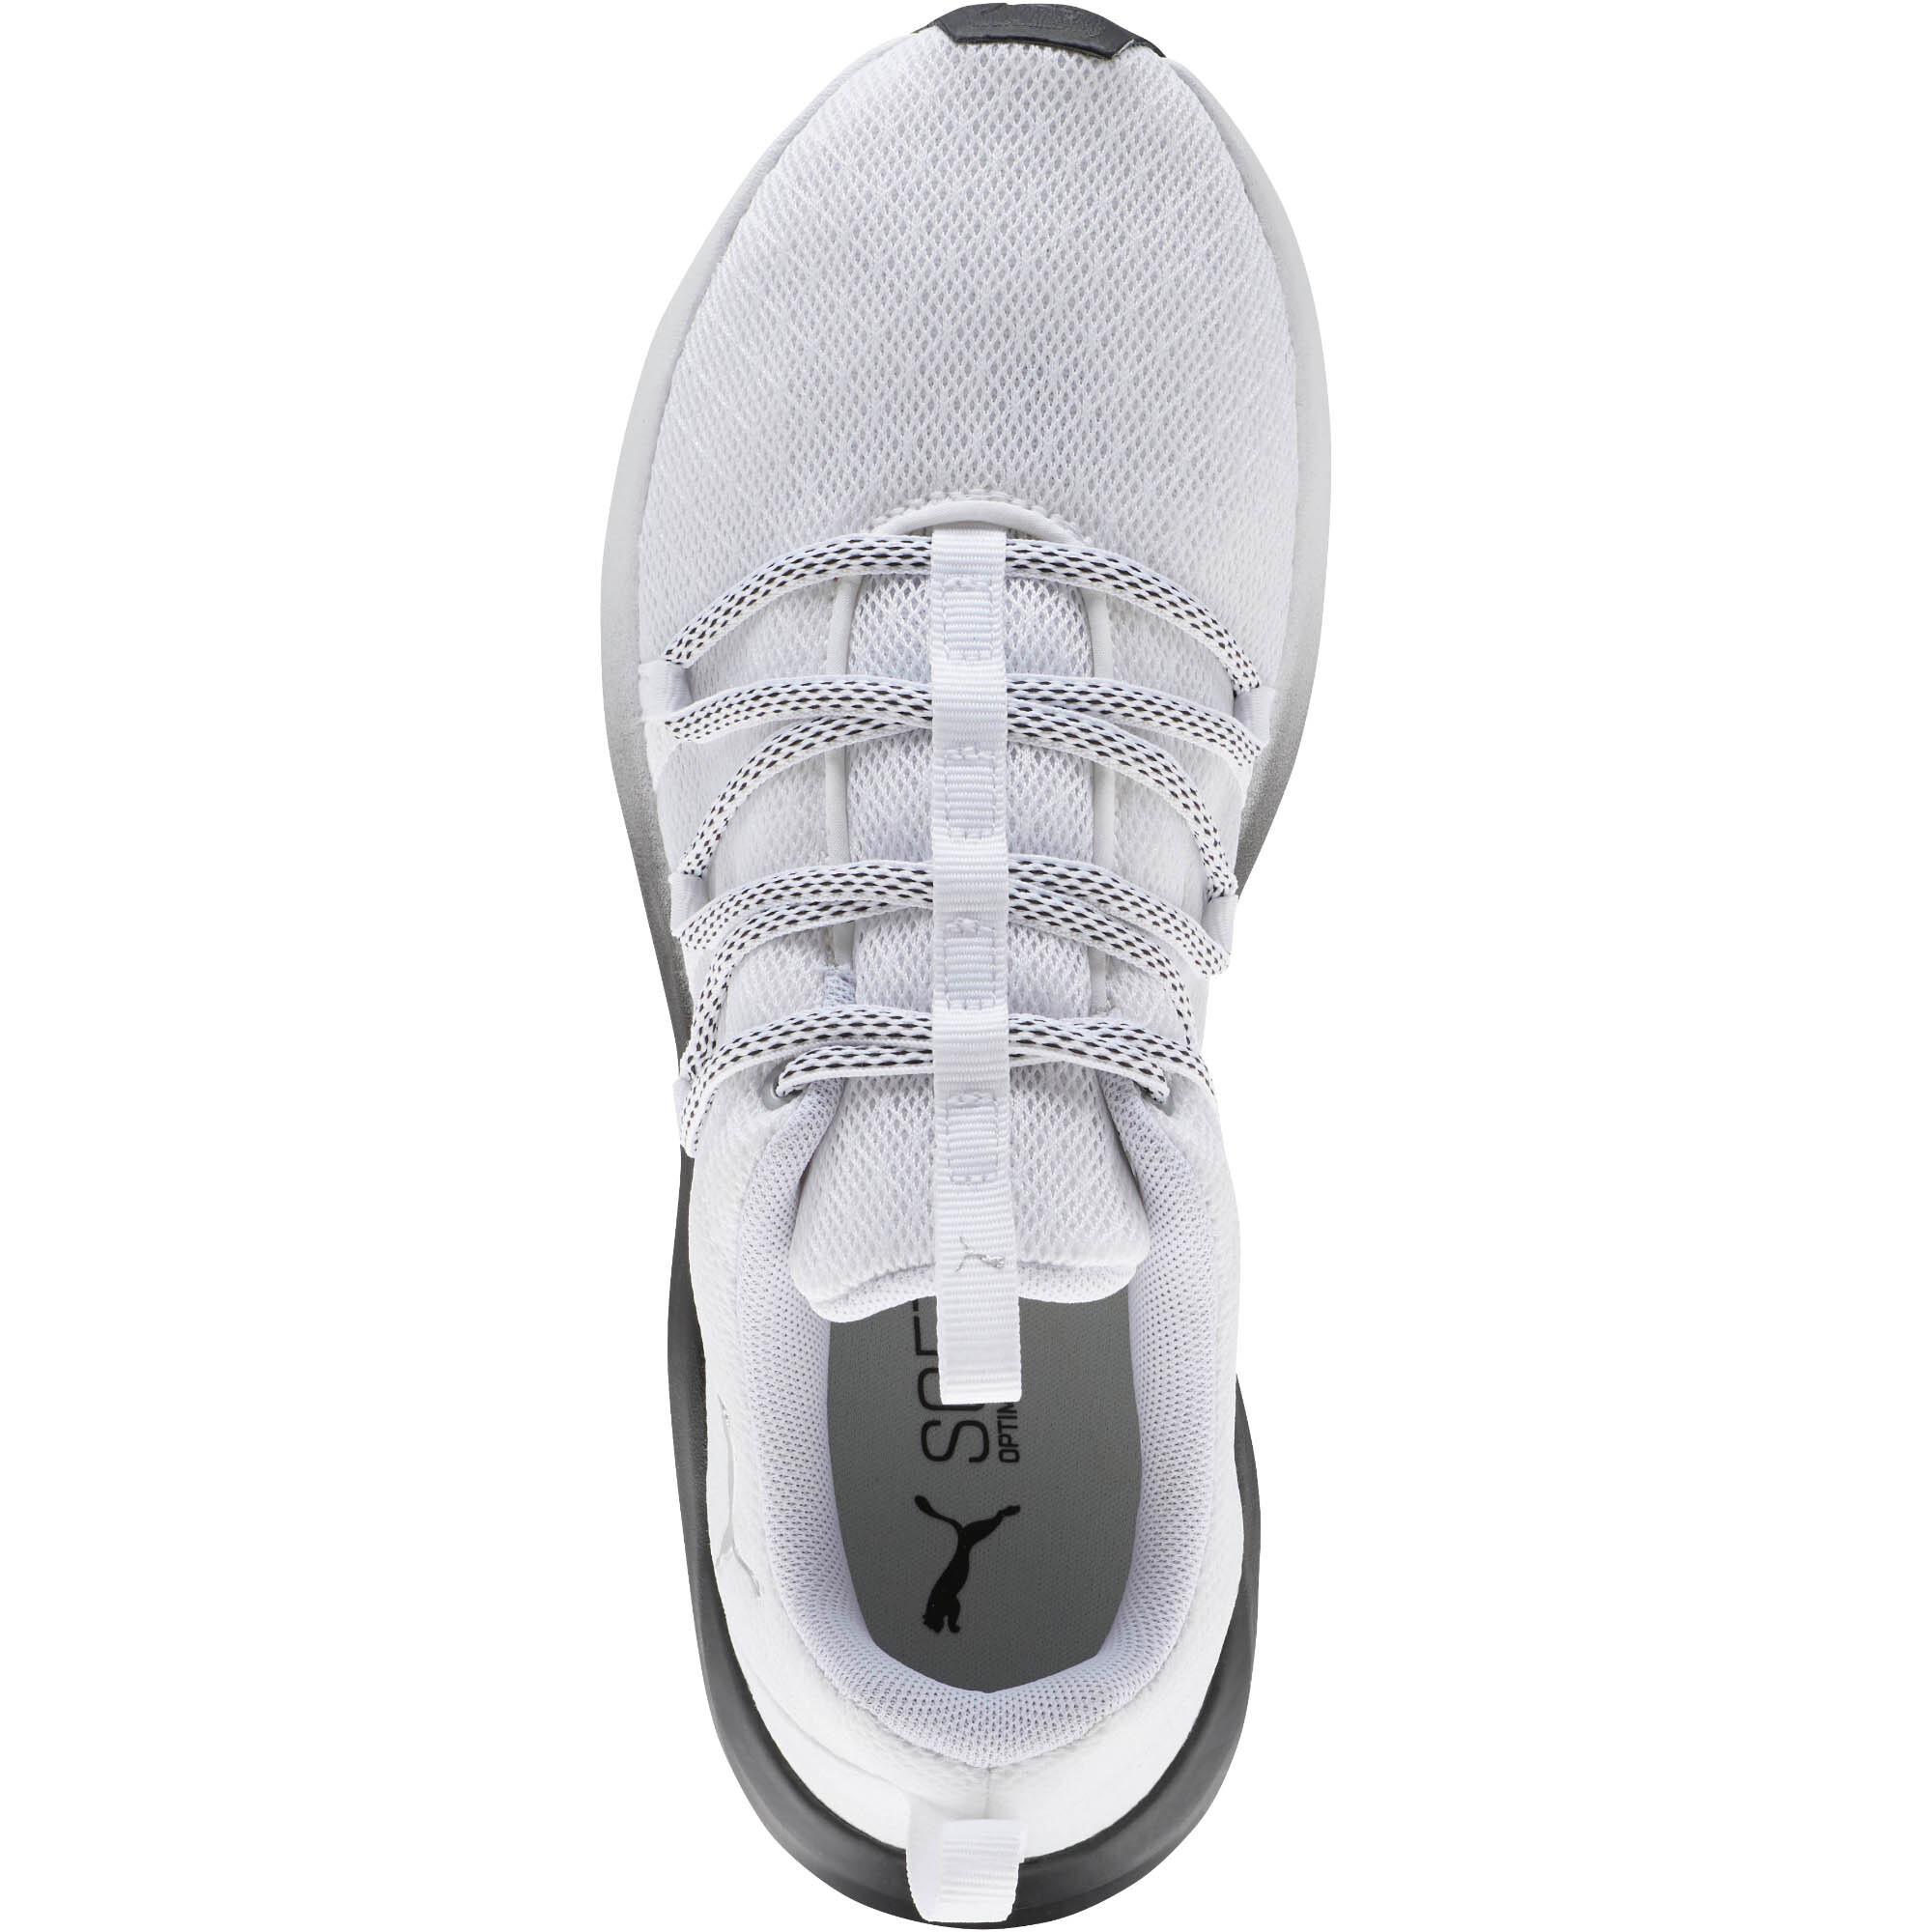 PUMA-Prowl-Alt-Fade-Women-s-Training-Shoes-Women-Shoe-Training thumbnail 11